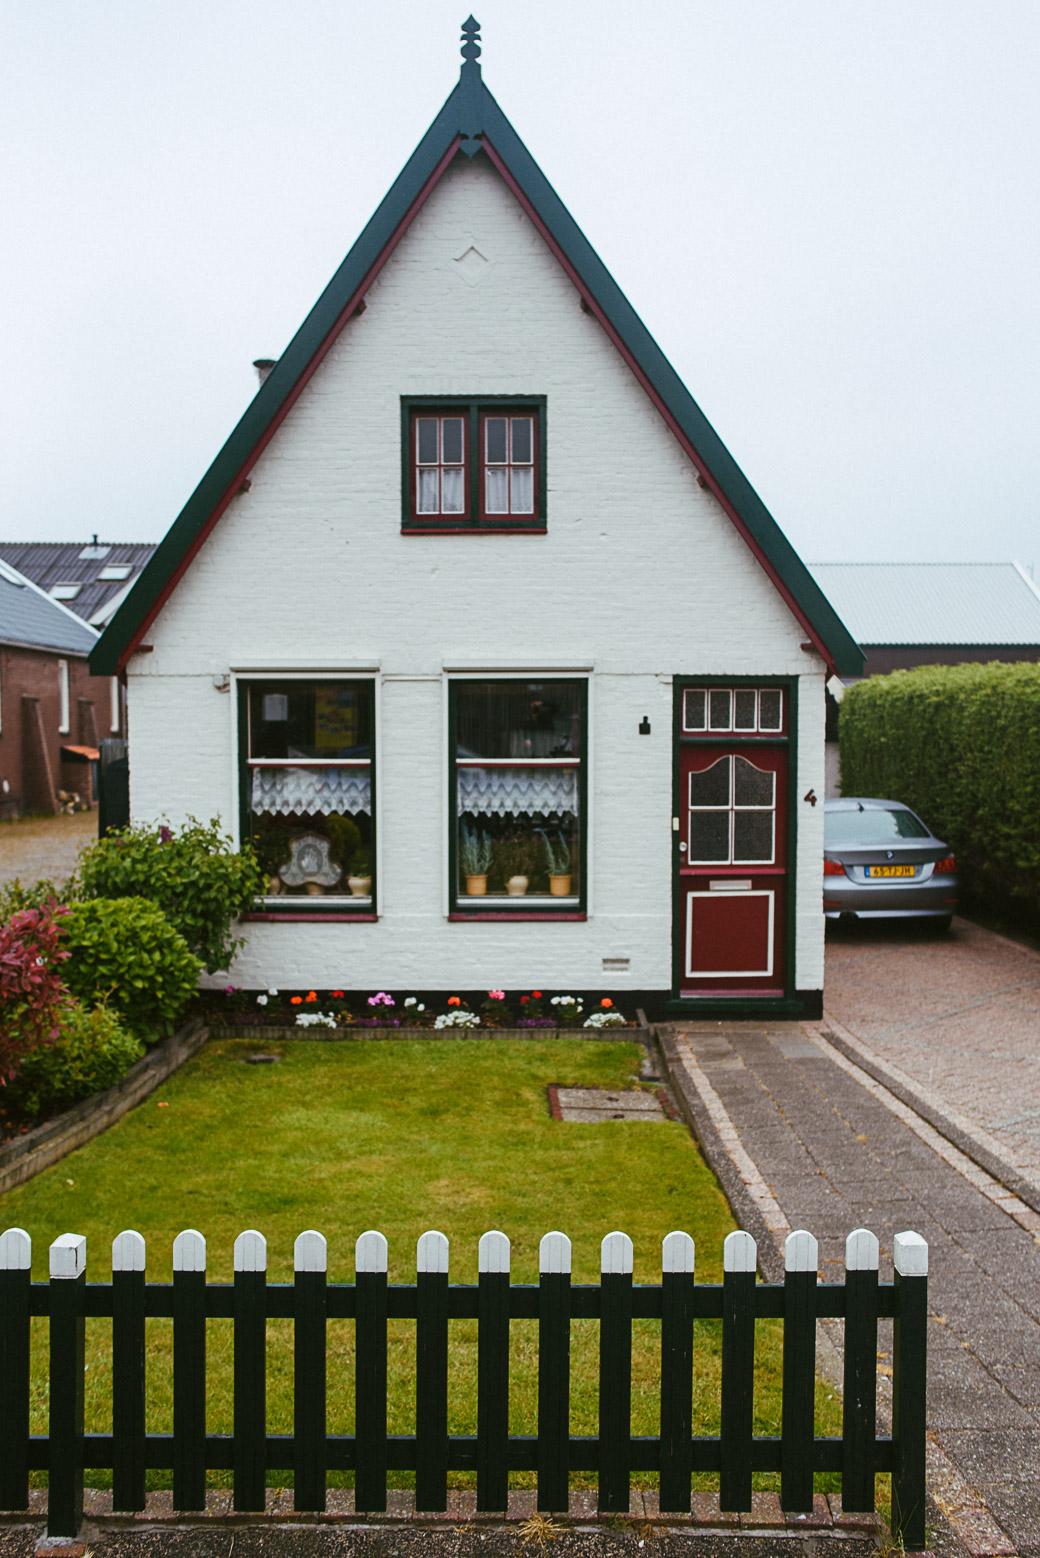 Texel-Nordsee-Holland-Niederlande-Europa-Geschichten von unterwegs-9014